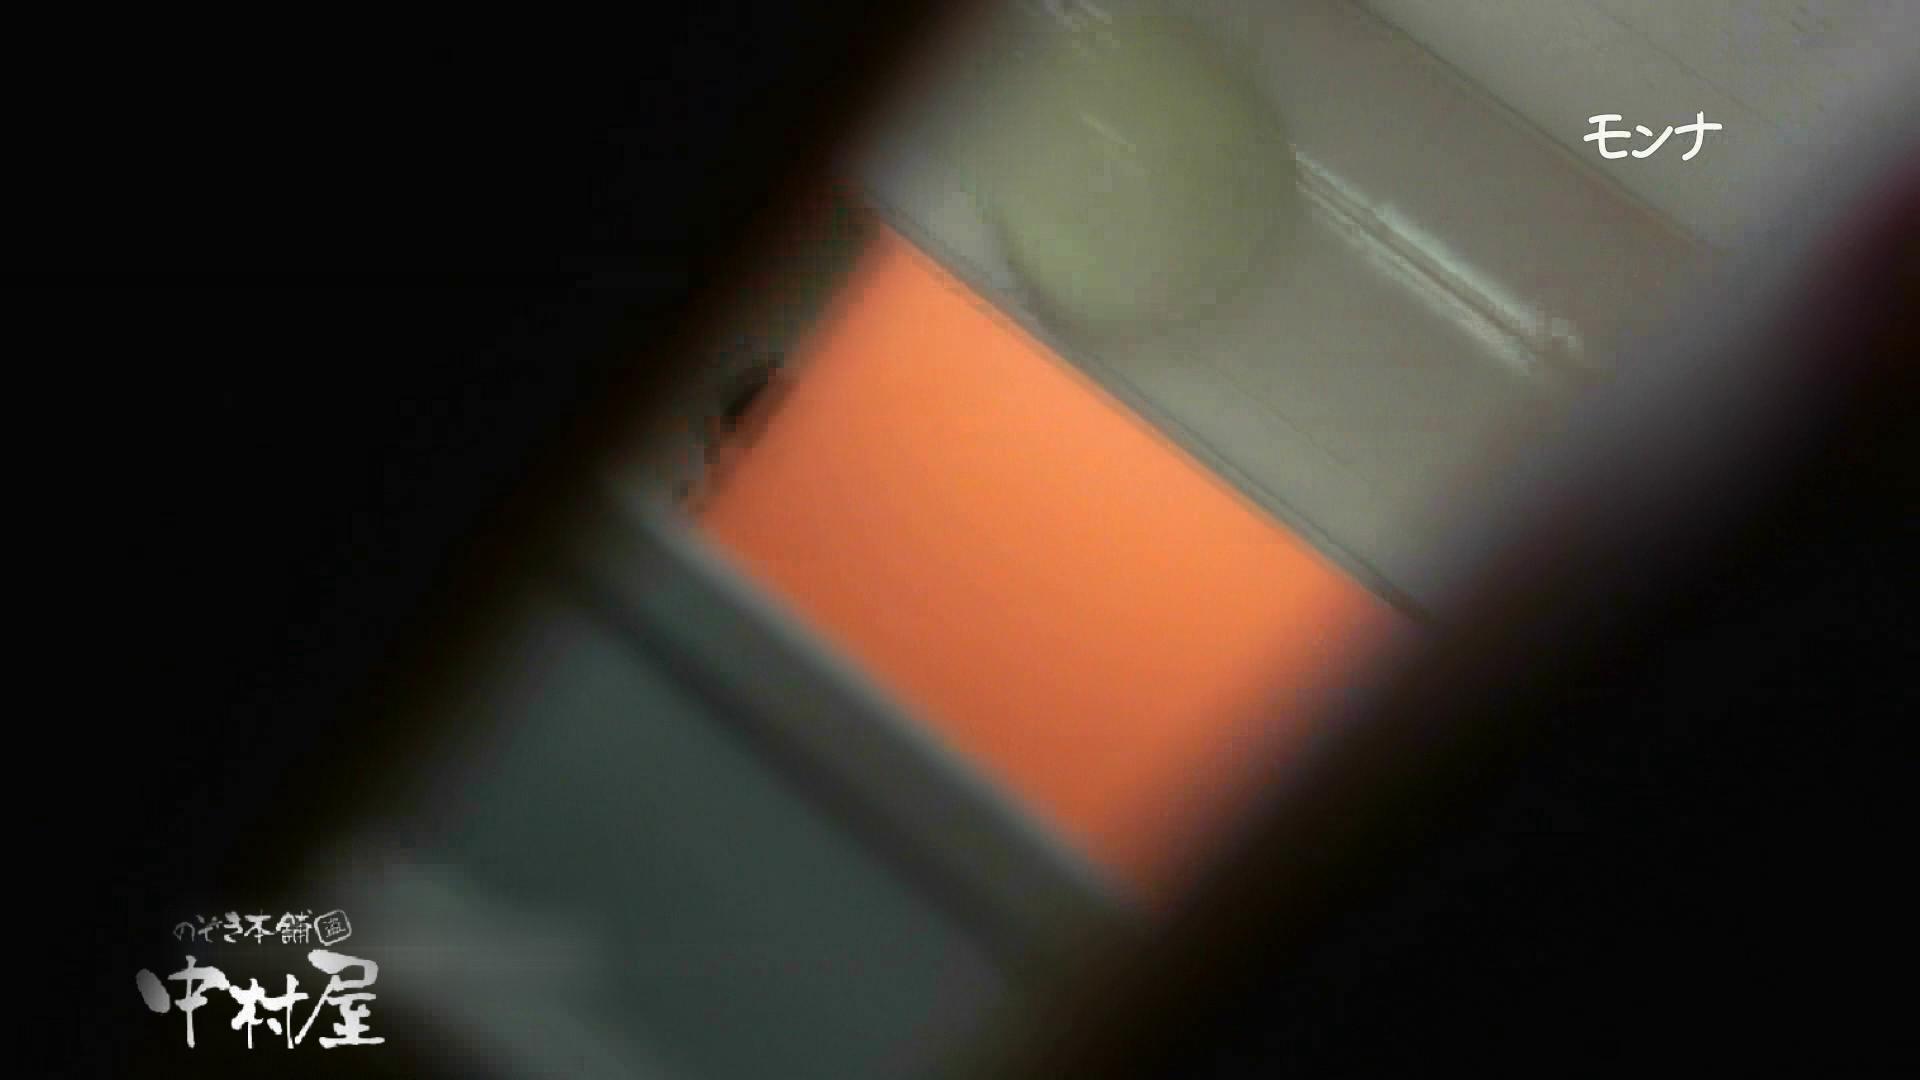 【美しい日本の未来】遂に!!戸田恵梨香似の予告モデル登場ダッシュで「大」後編 おまんこ見放題  101PIX 16